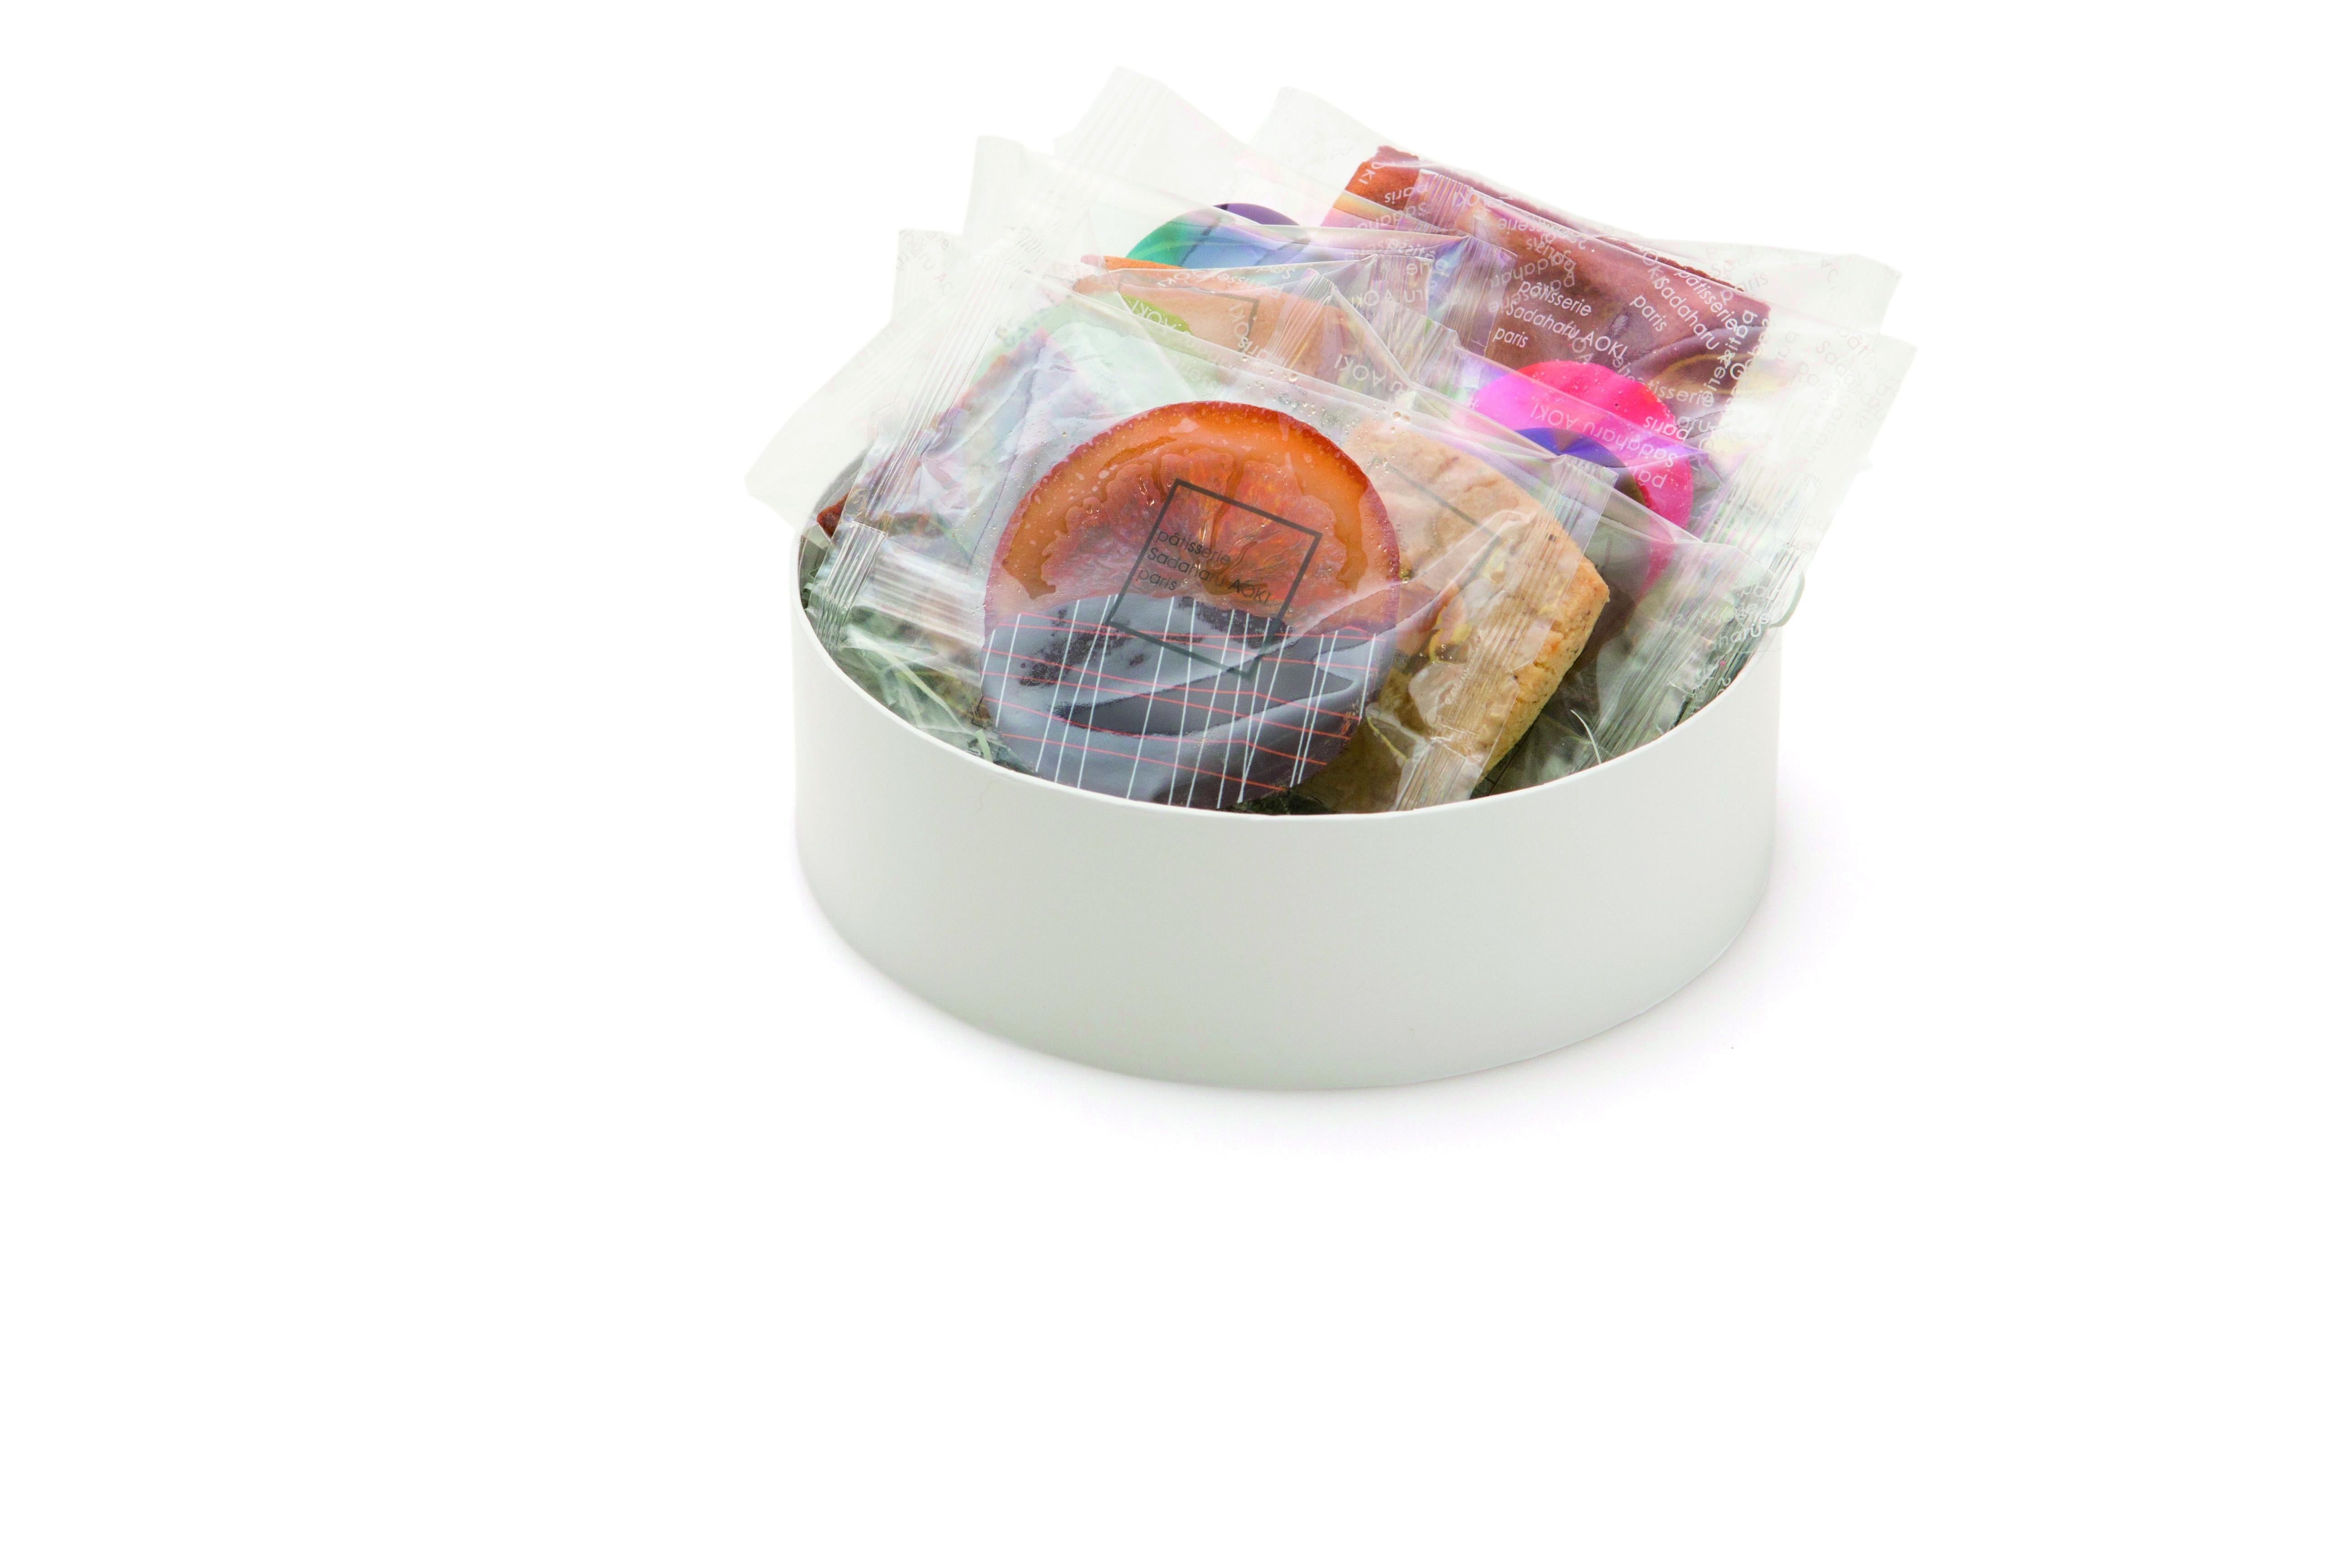 パティスリー・サダハル・アオキ・パリの2019年ホワイトデー限定商品が登場! - sub5 2